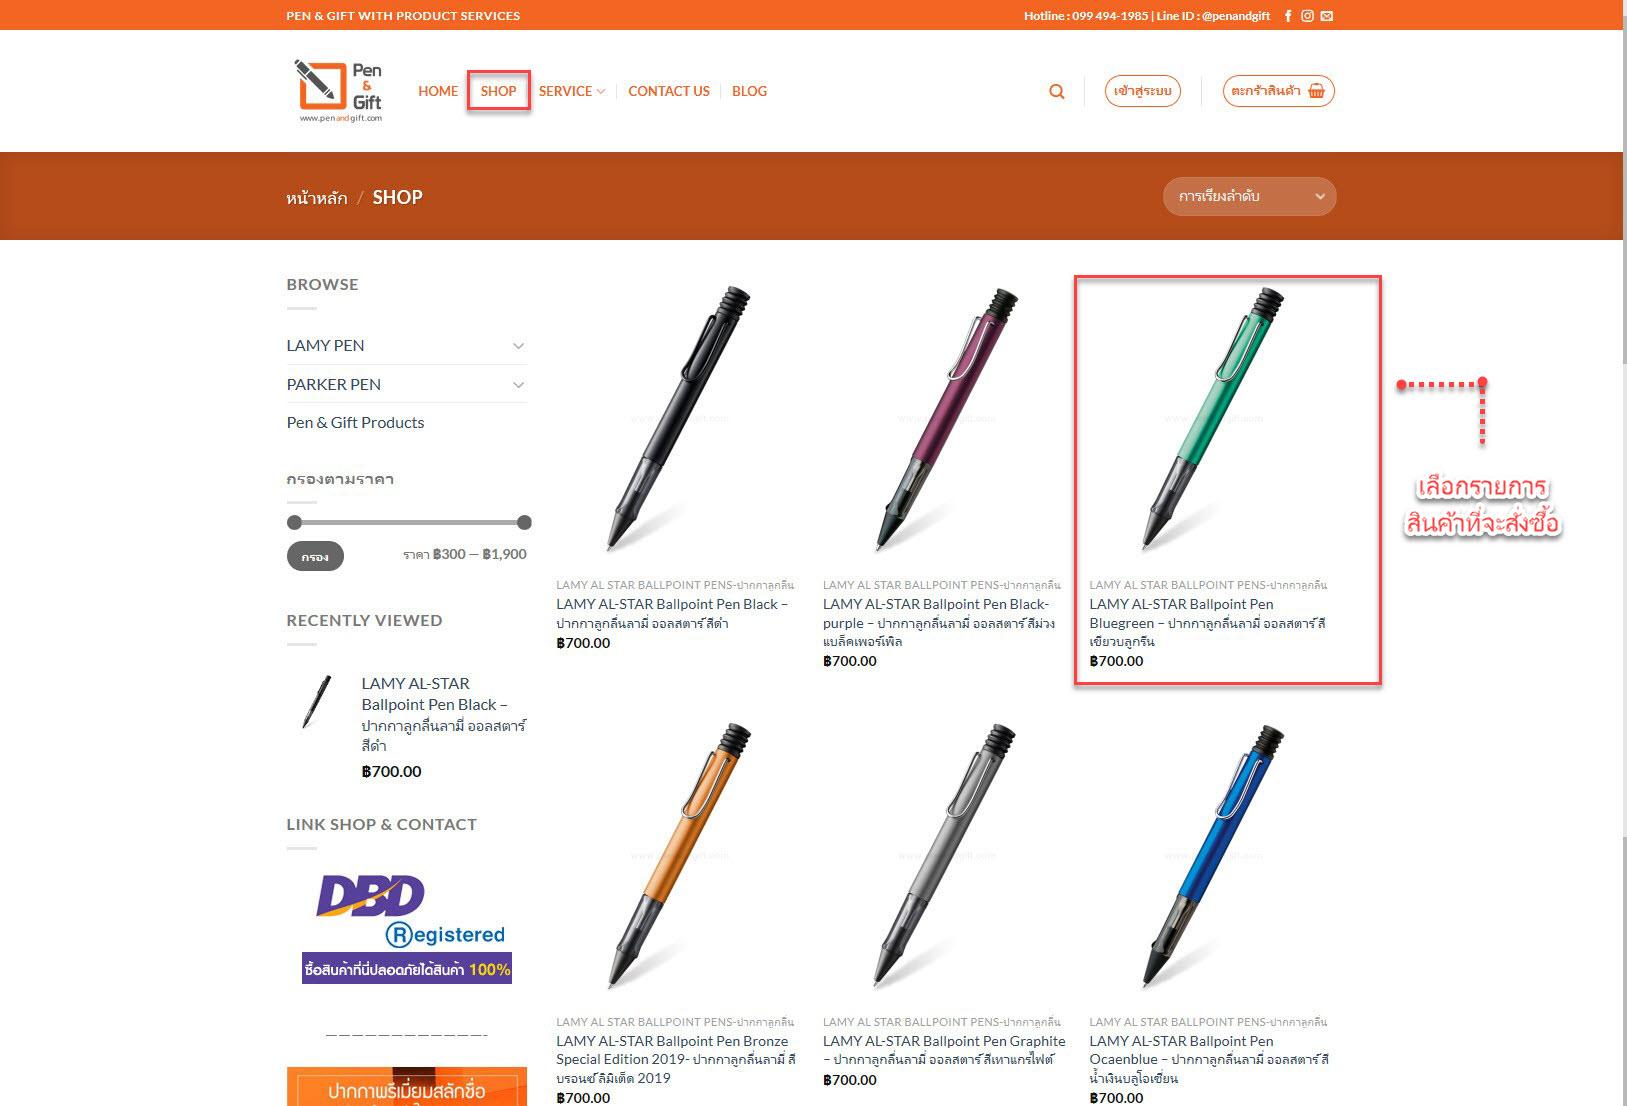 วิธีการซื้อสินค้าบนเว็บไซต์ Pen&Gift